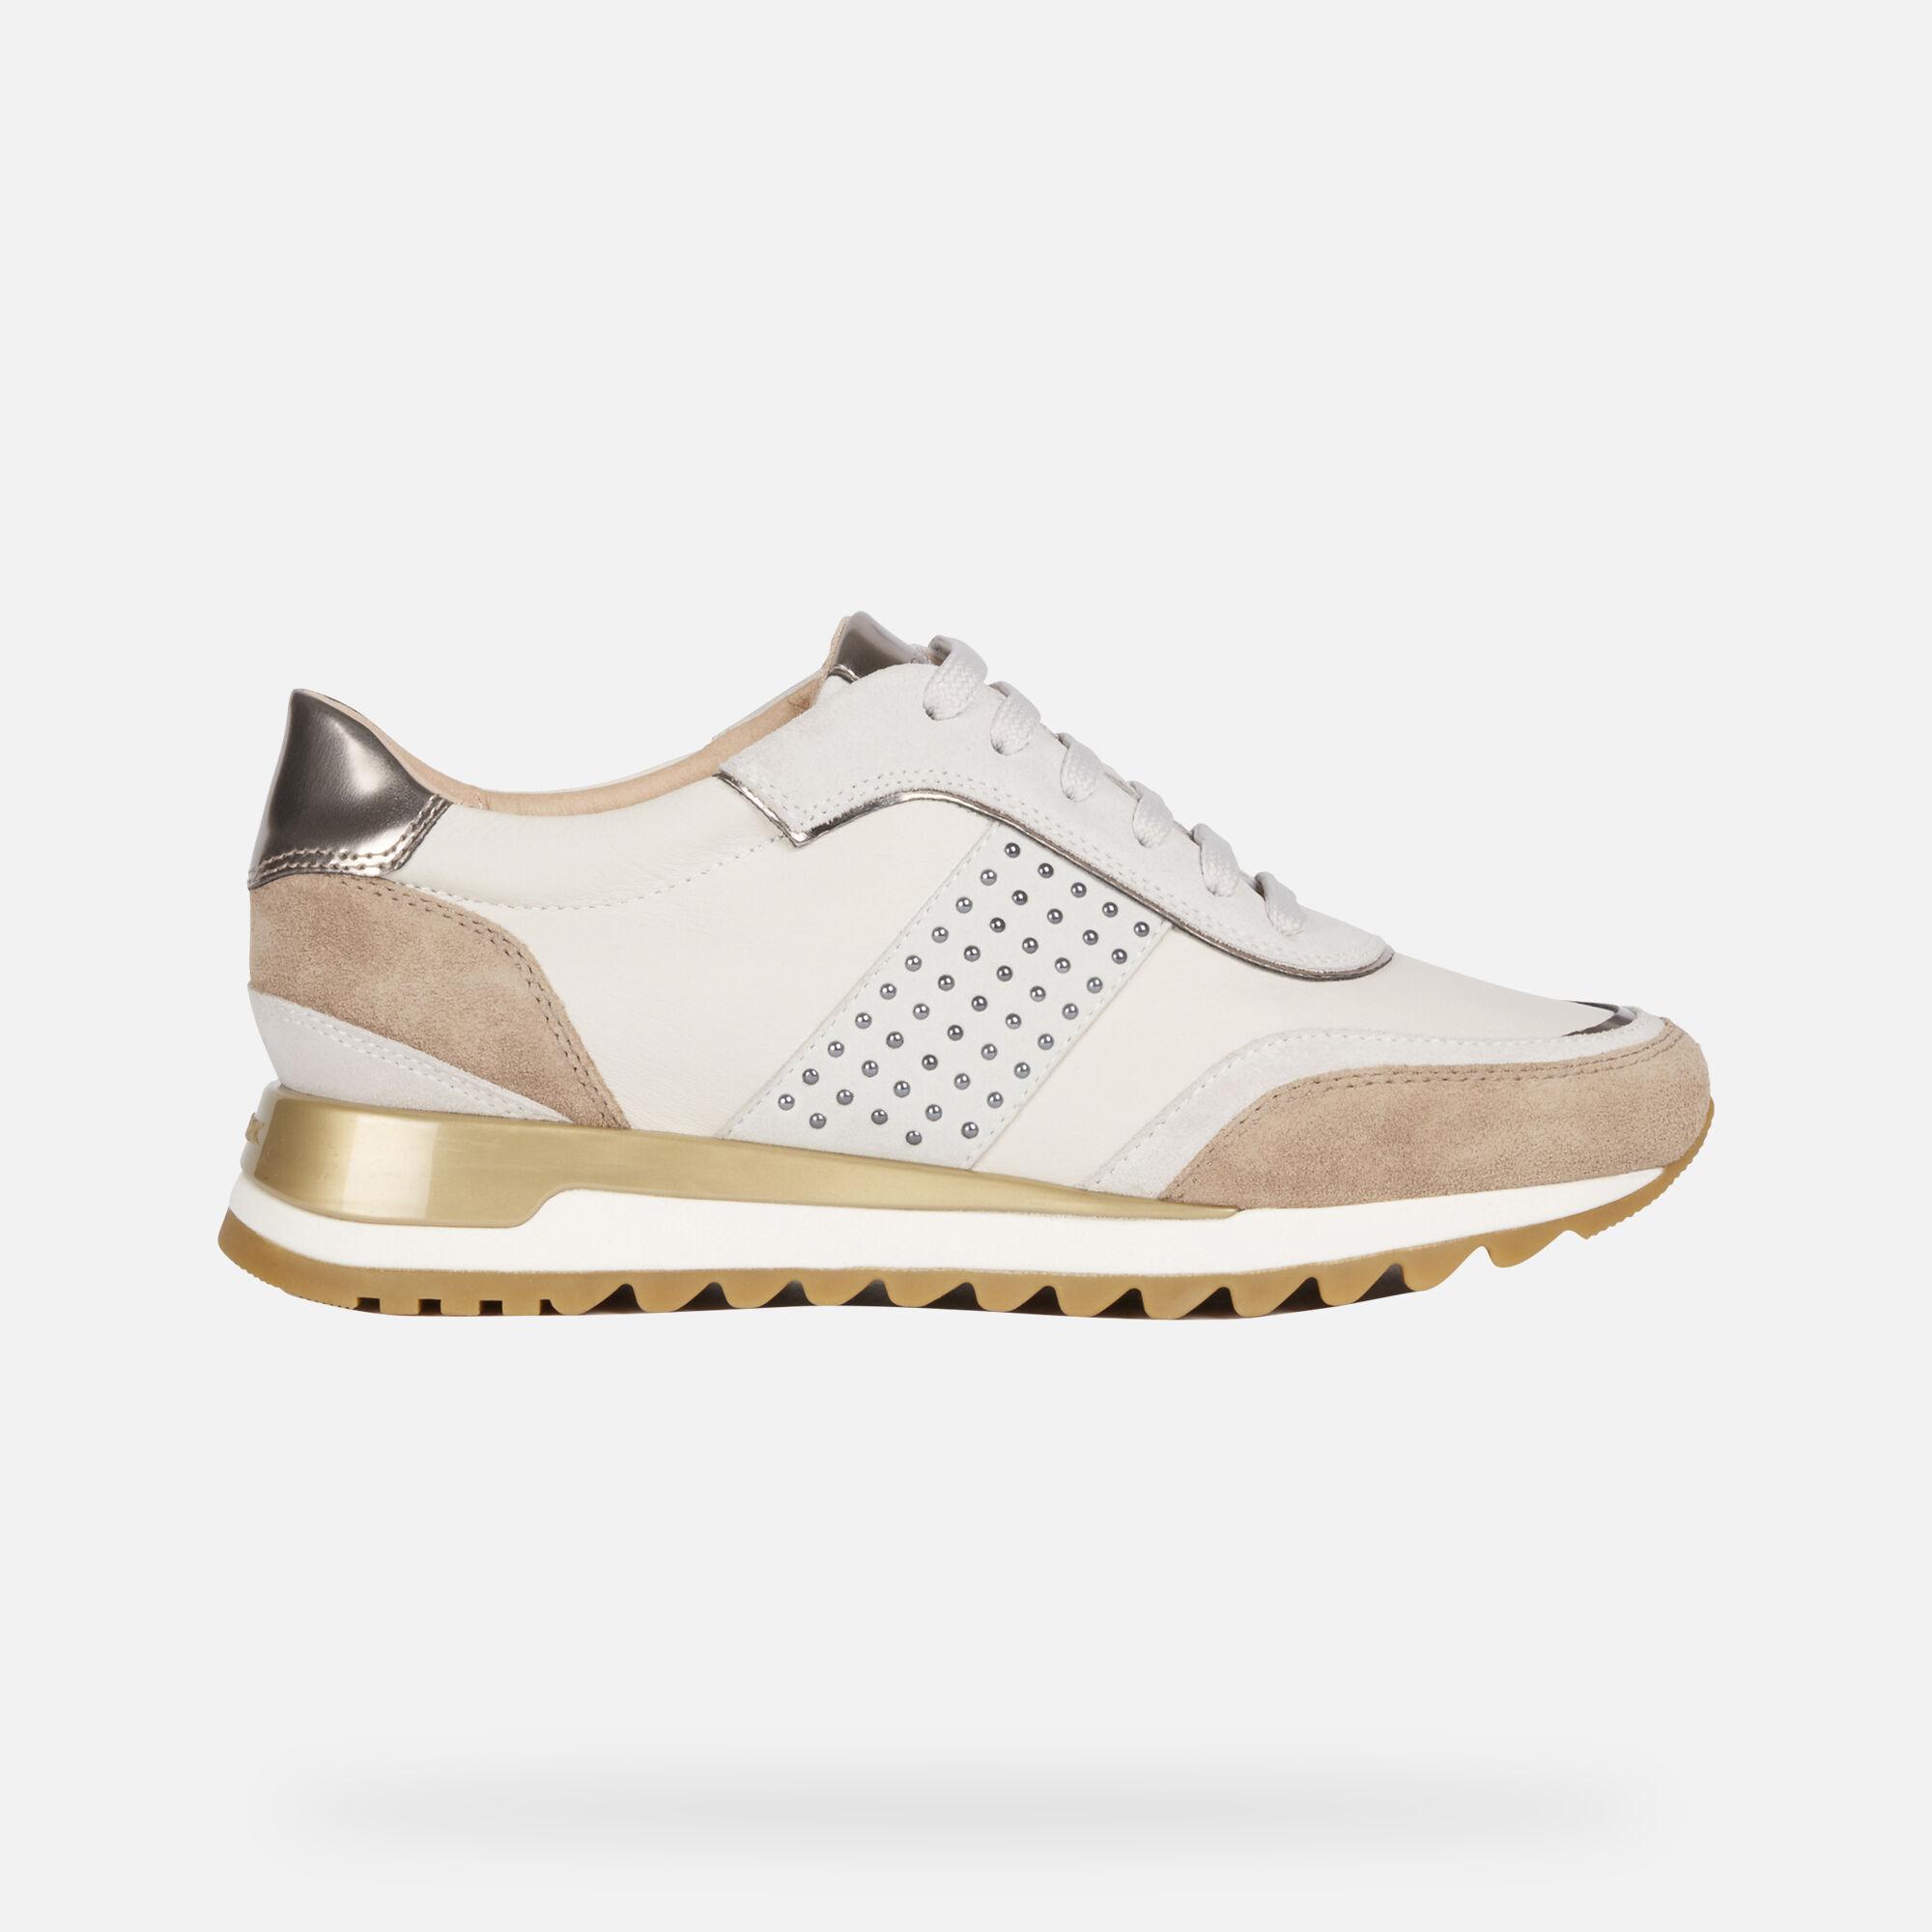 Geox Women's D TABELYA White Sneakers | Geox¨ FW 1920